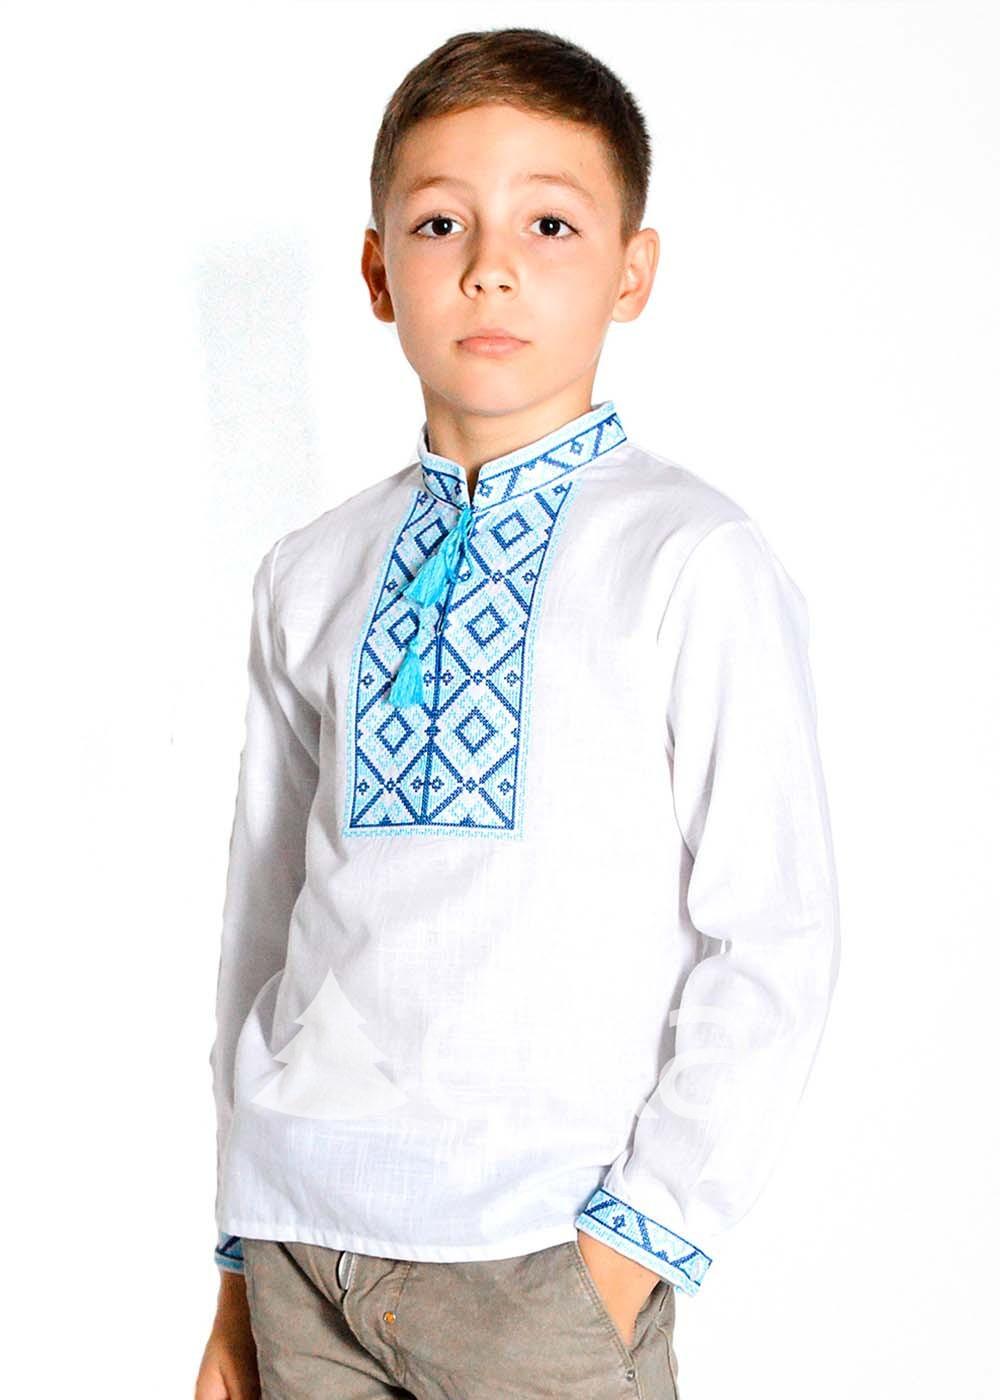 Детская вышиванка для мальчика Ромбы